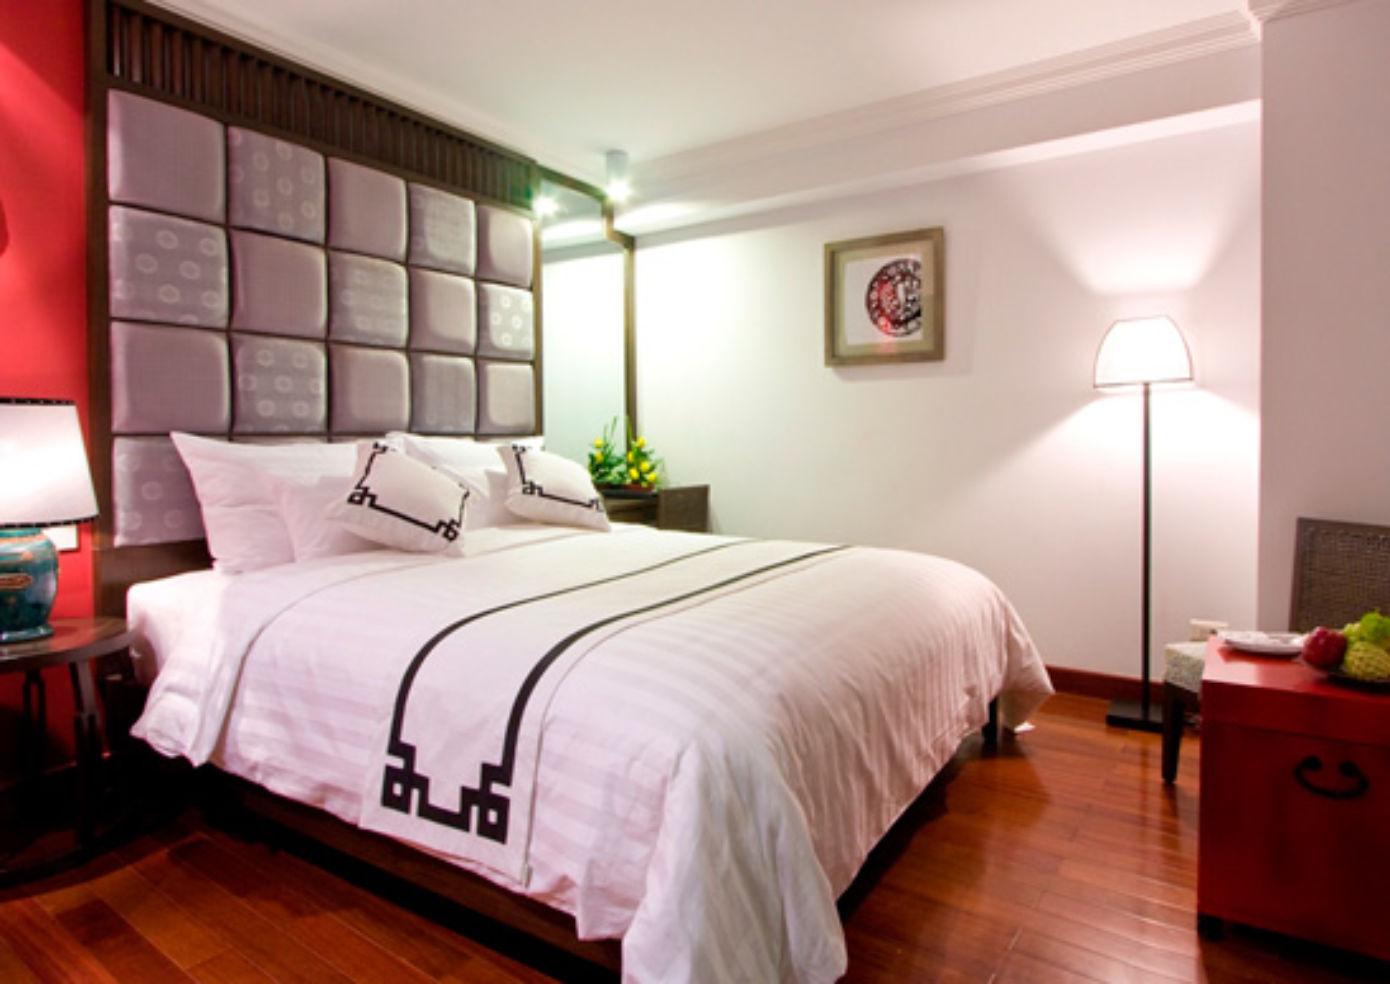 A double room at Maison d'Hanoi Hanova Hotel